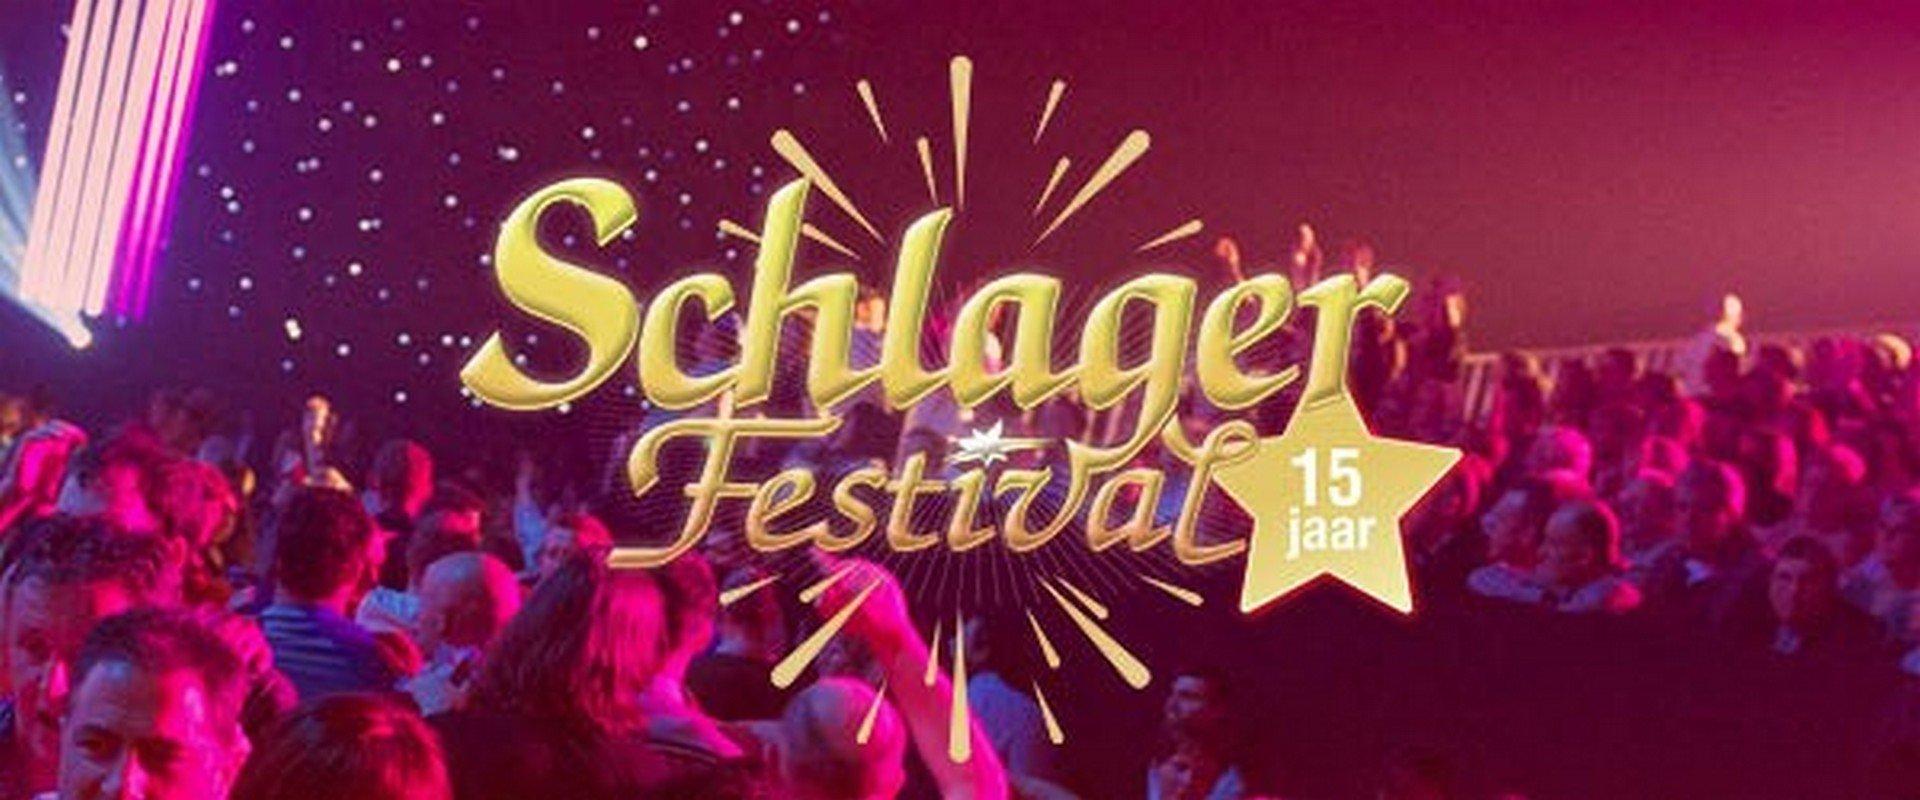 Willy Sommers en Wim Soutaer & Charles  er opnieuw bij op Het Schlagerfestival - Schlagerfestival 15 jaar